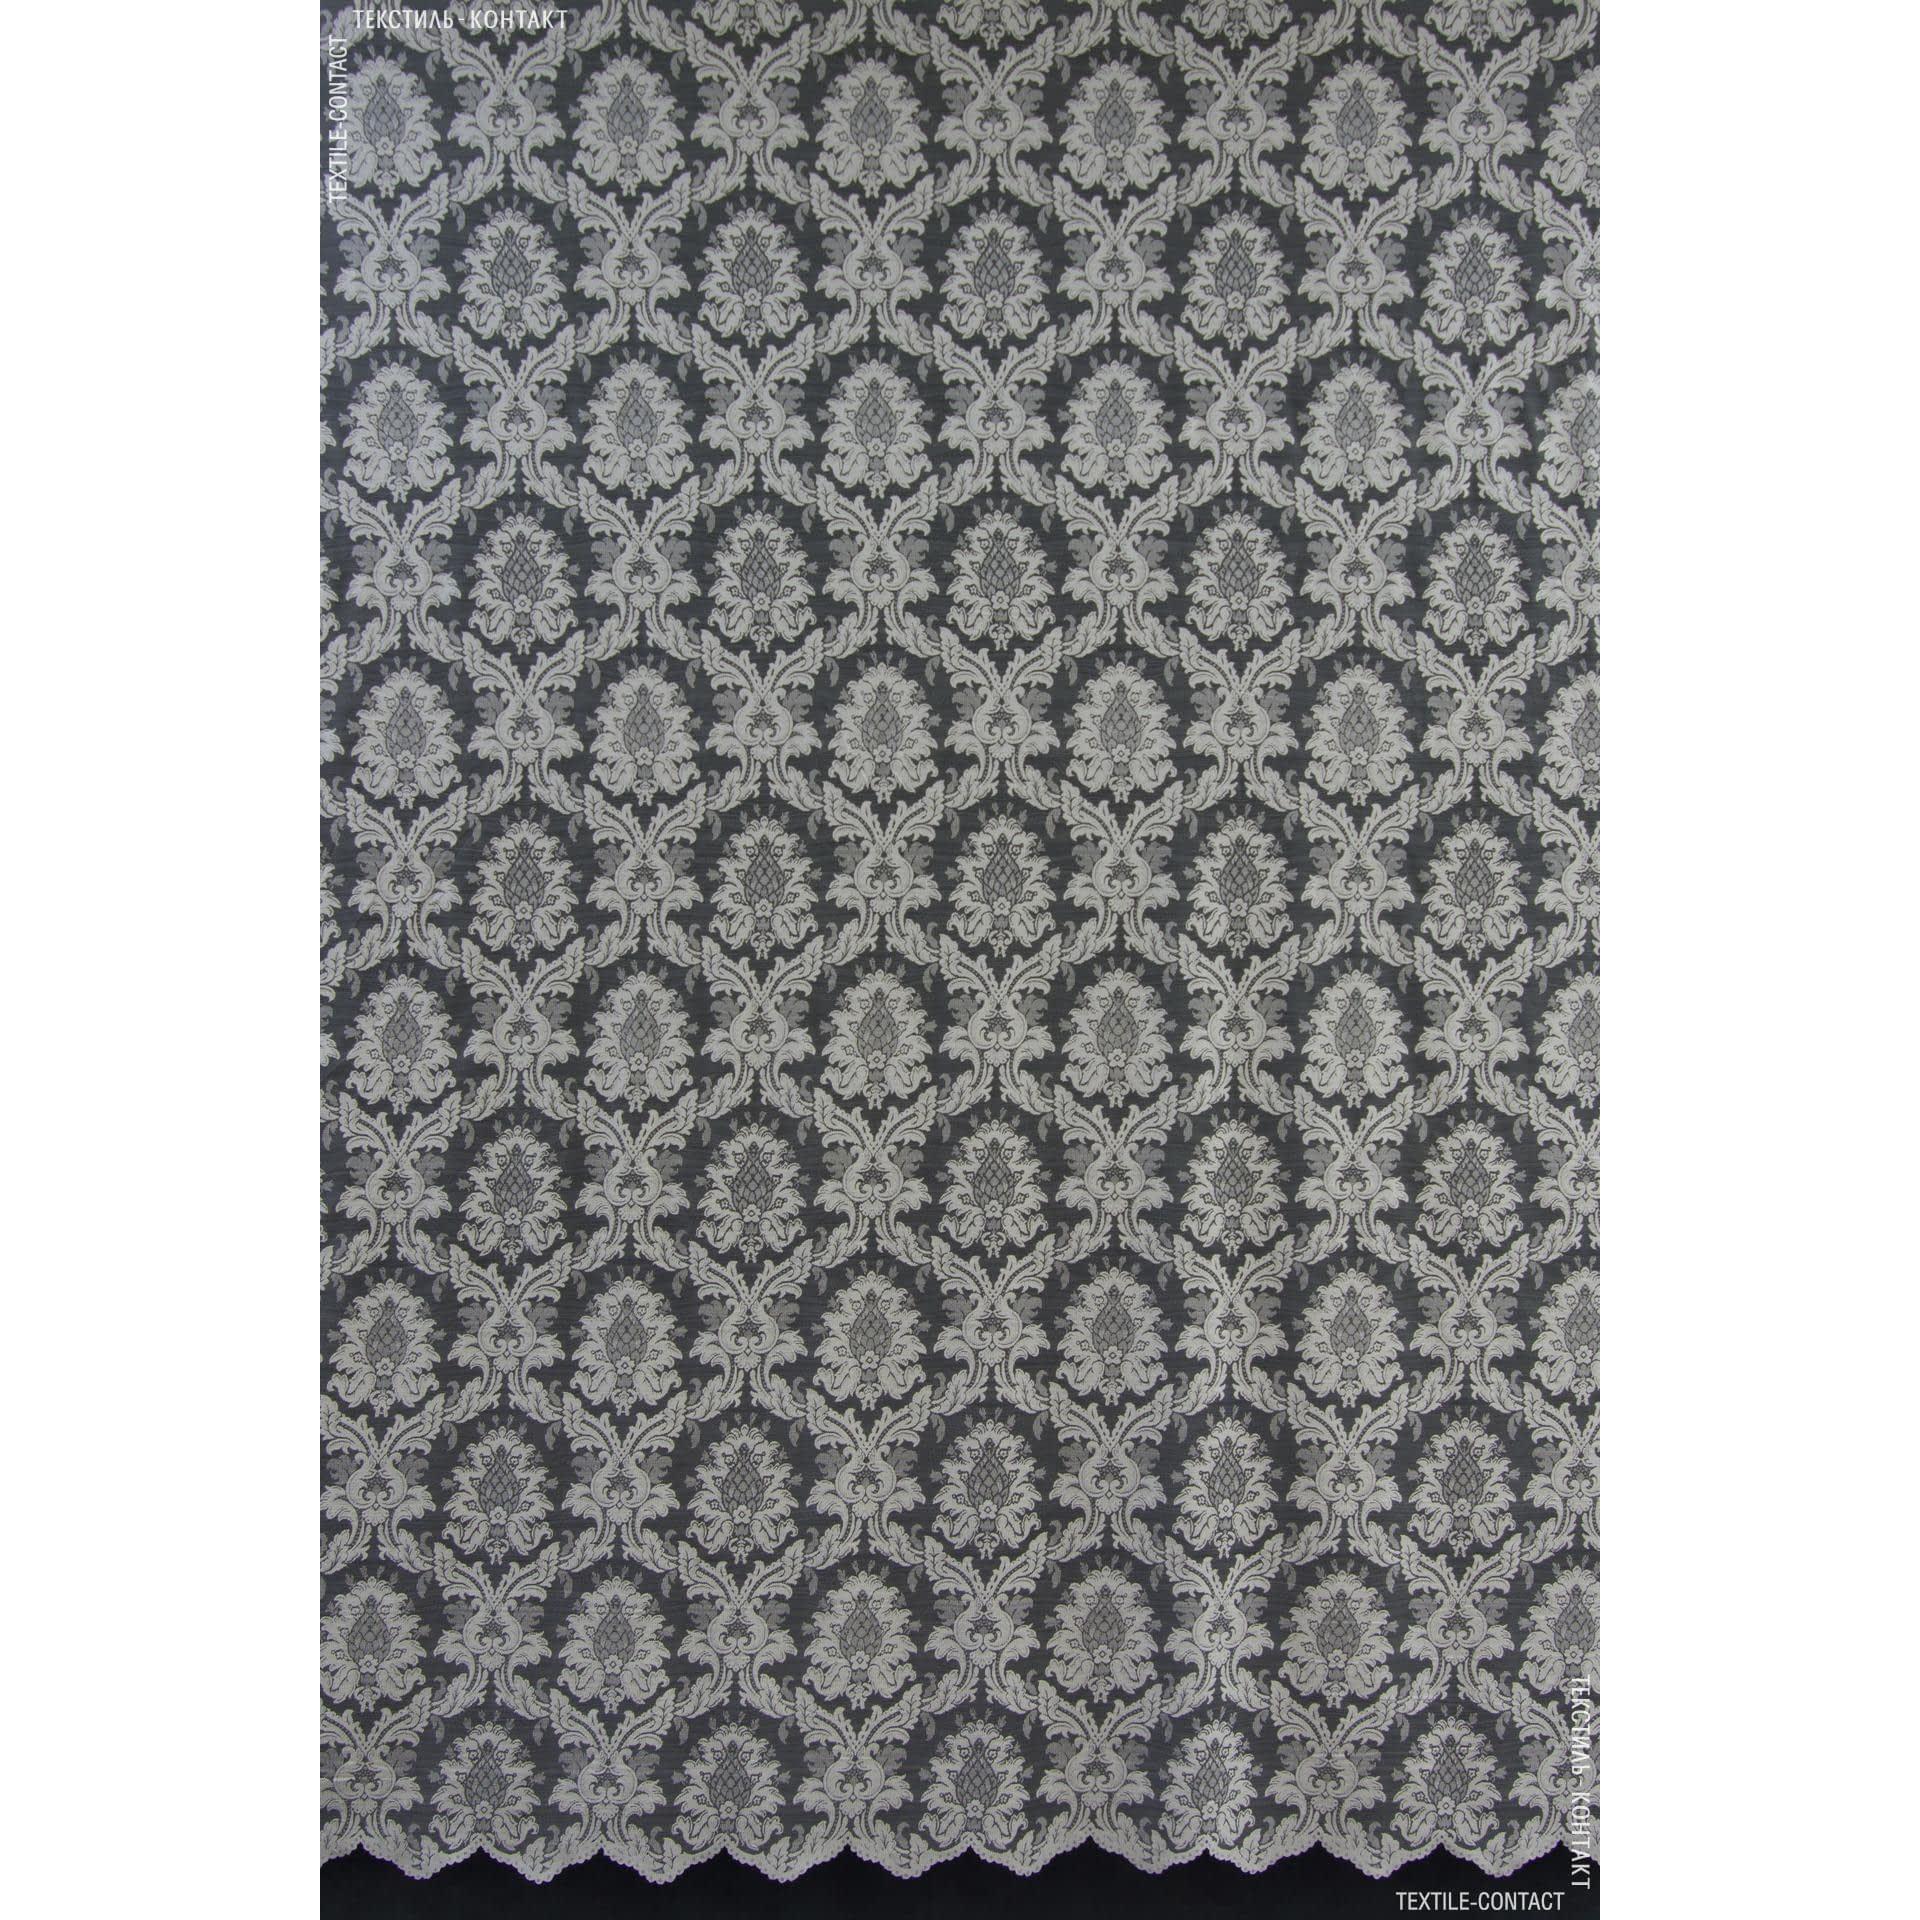 Тканини для тюлі - Гард пол гіпюр Аскольд сіро-чорний